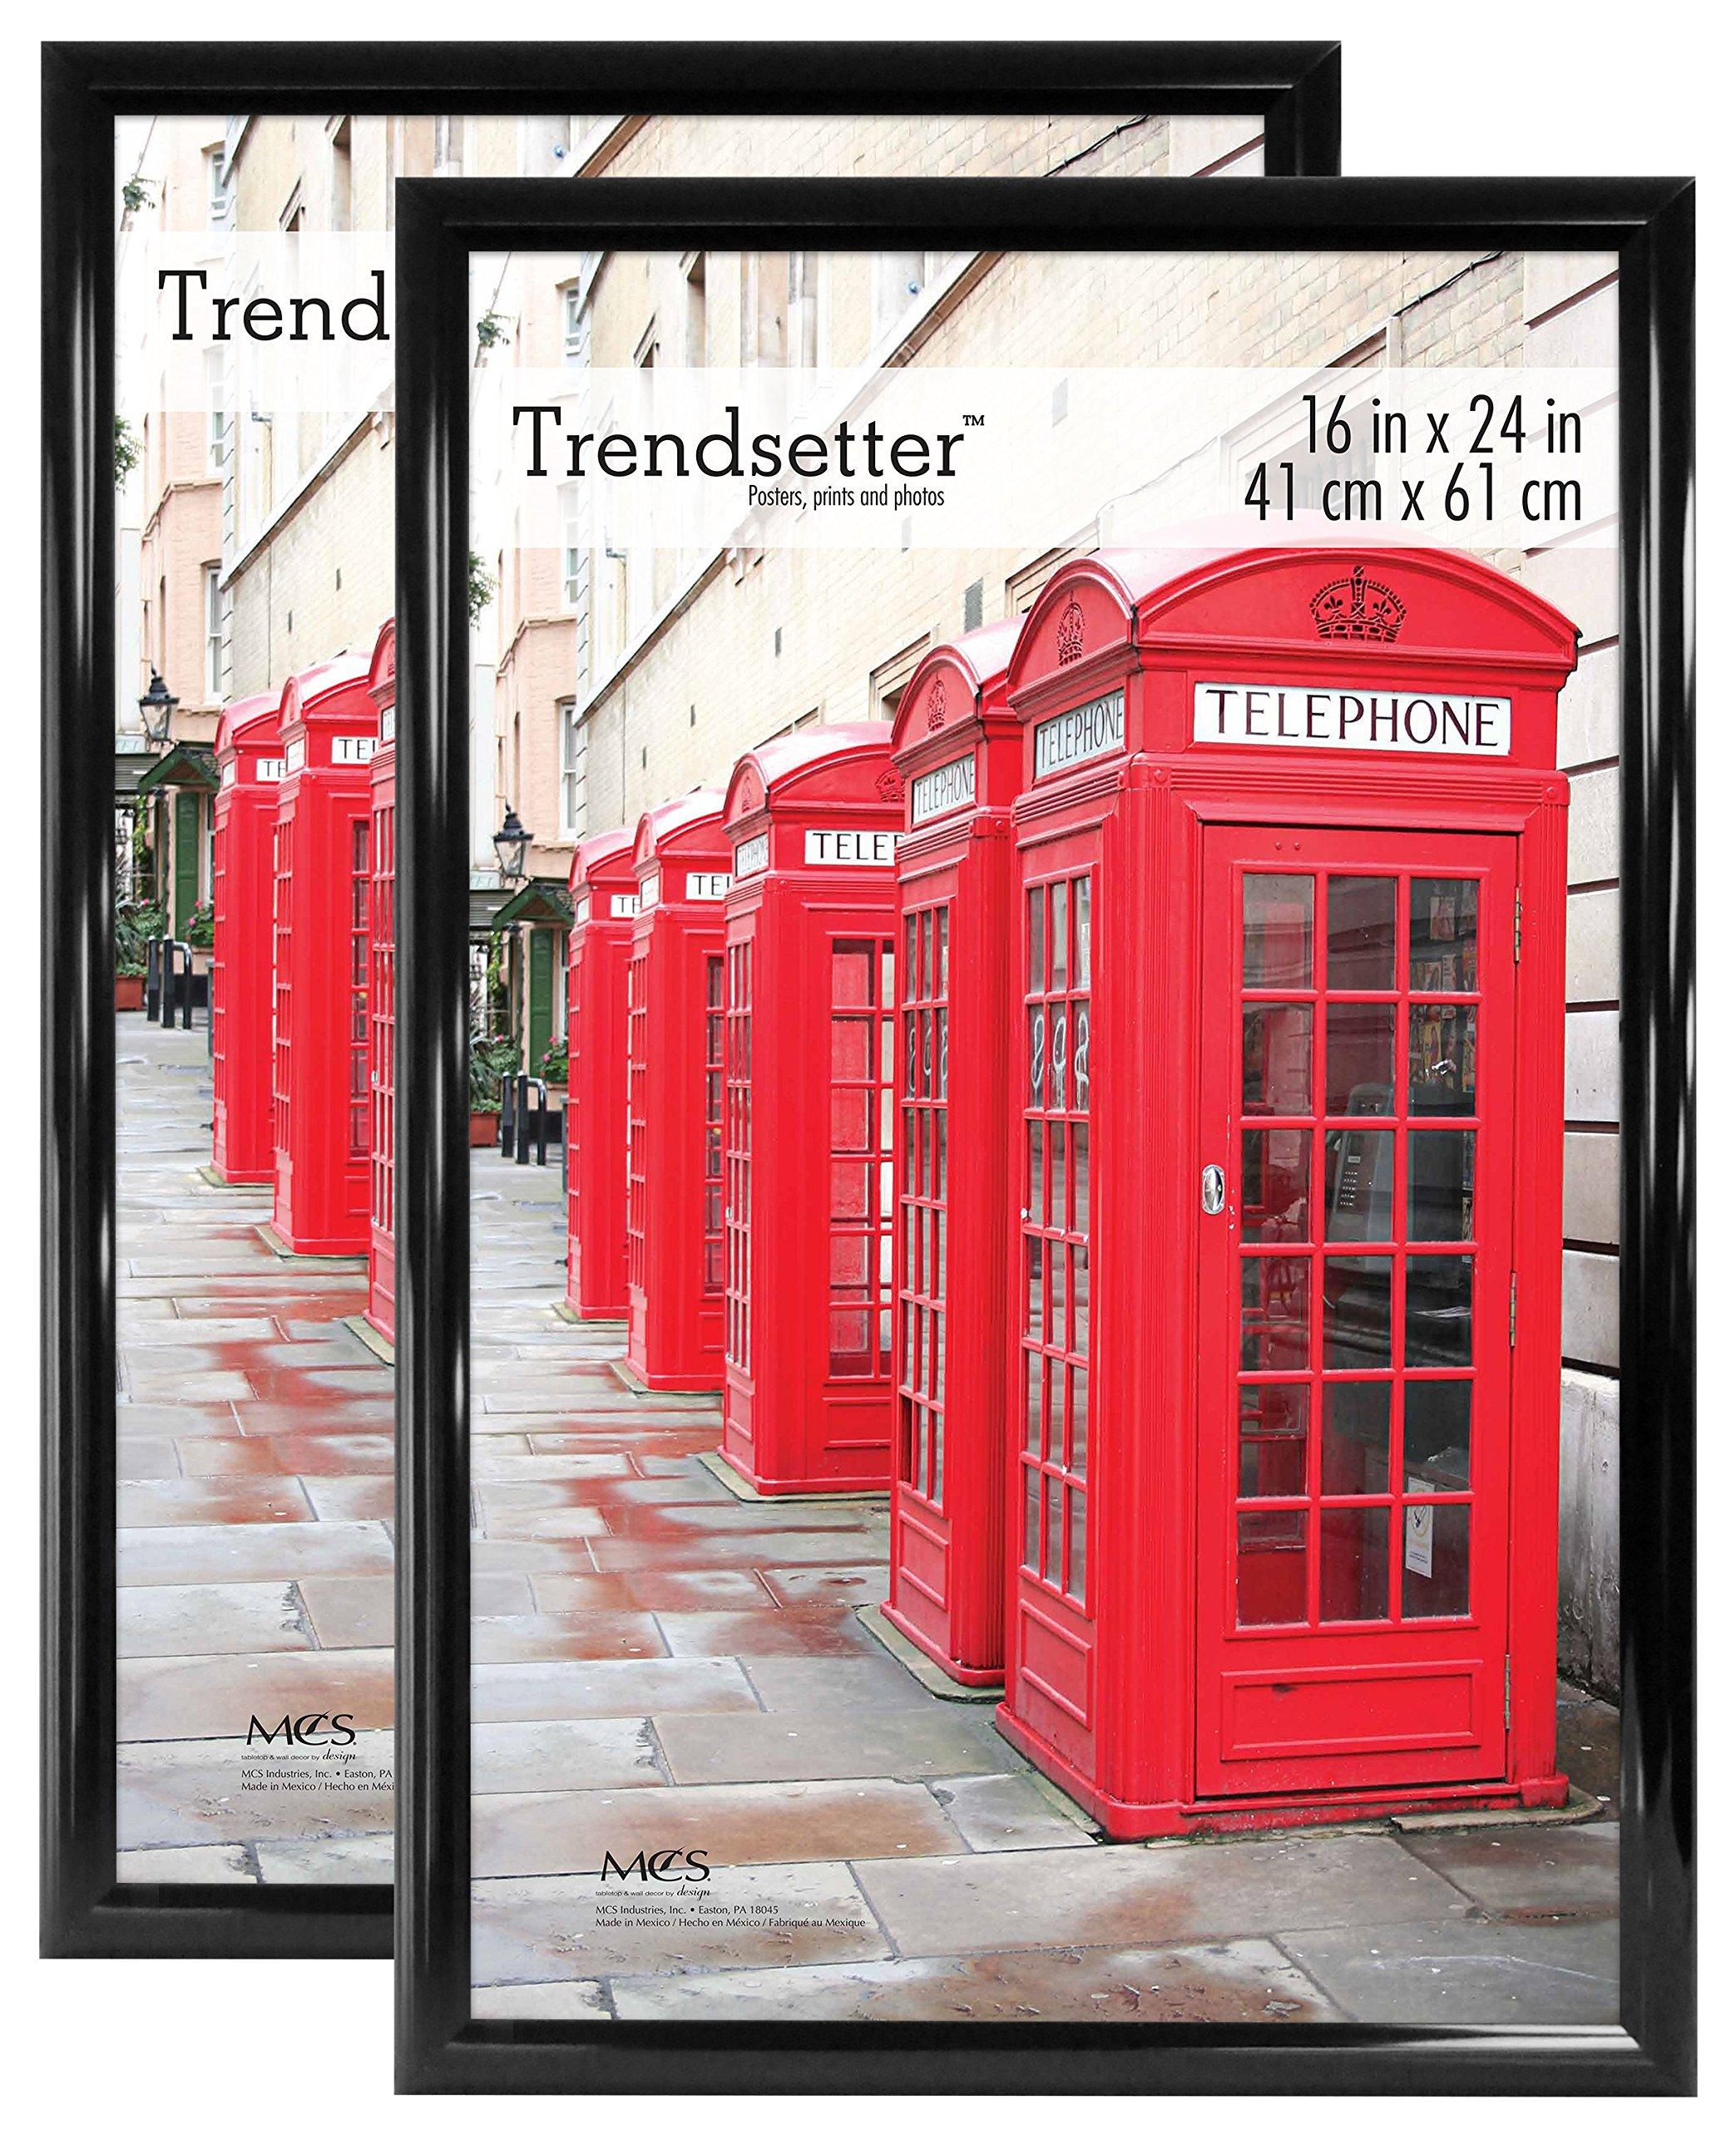 MCS 16x24 Inch Trendsetter Poster Frame 2-Pack, Black (65687)